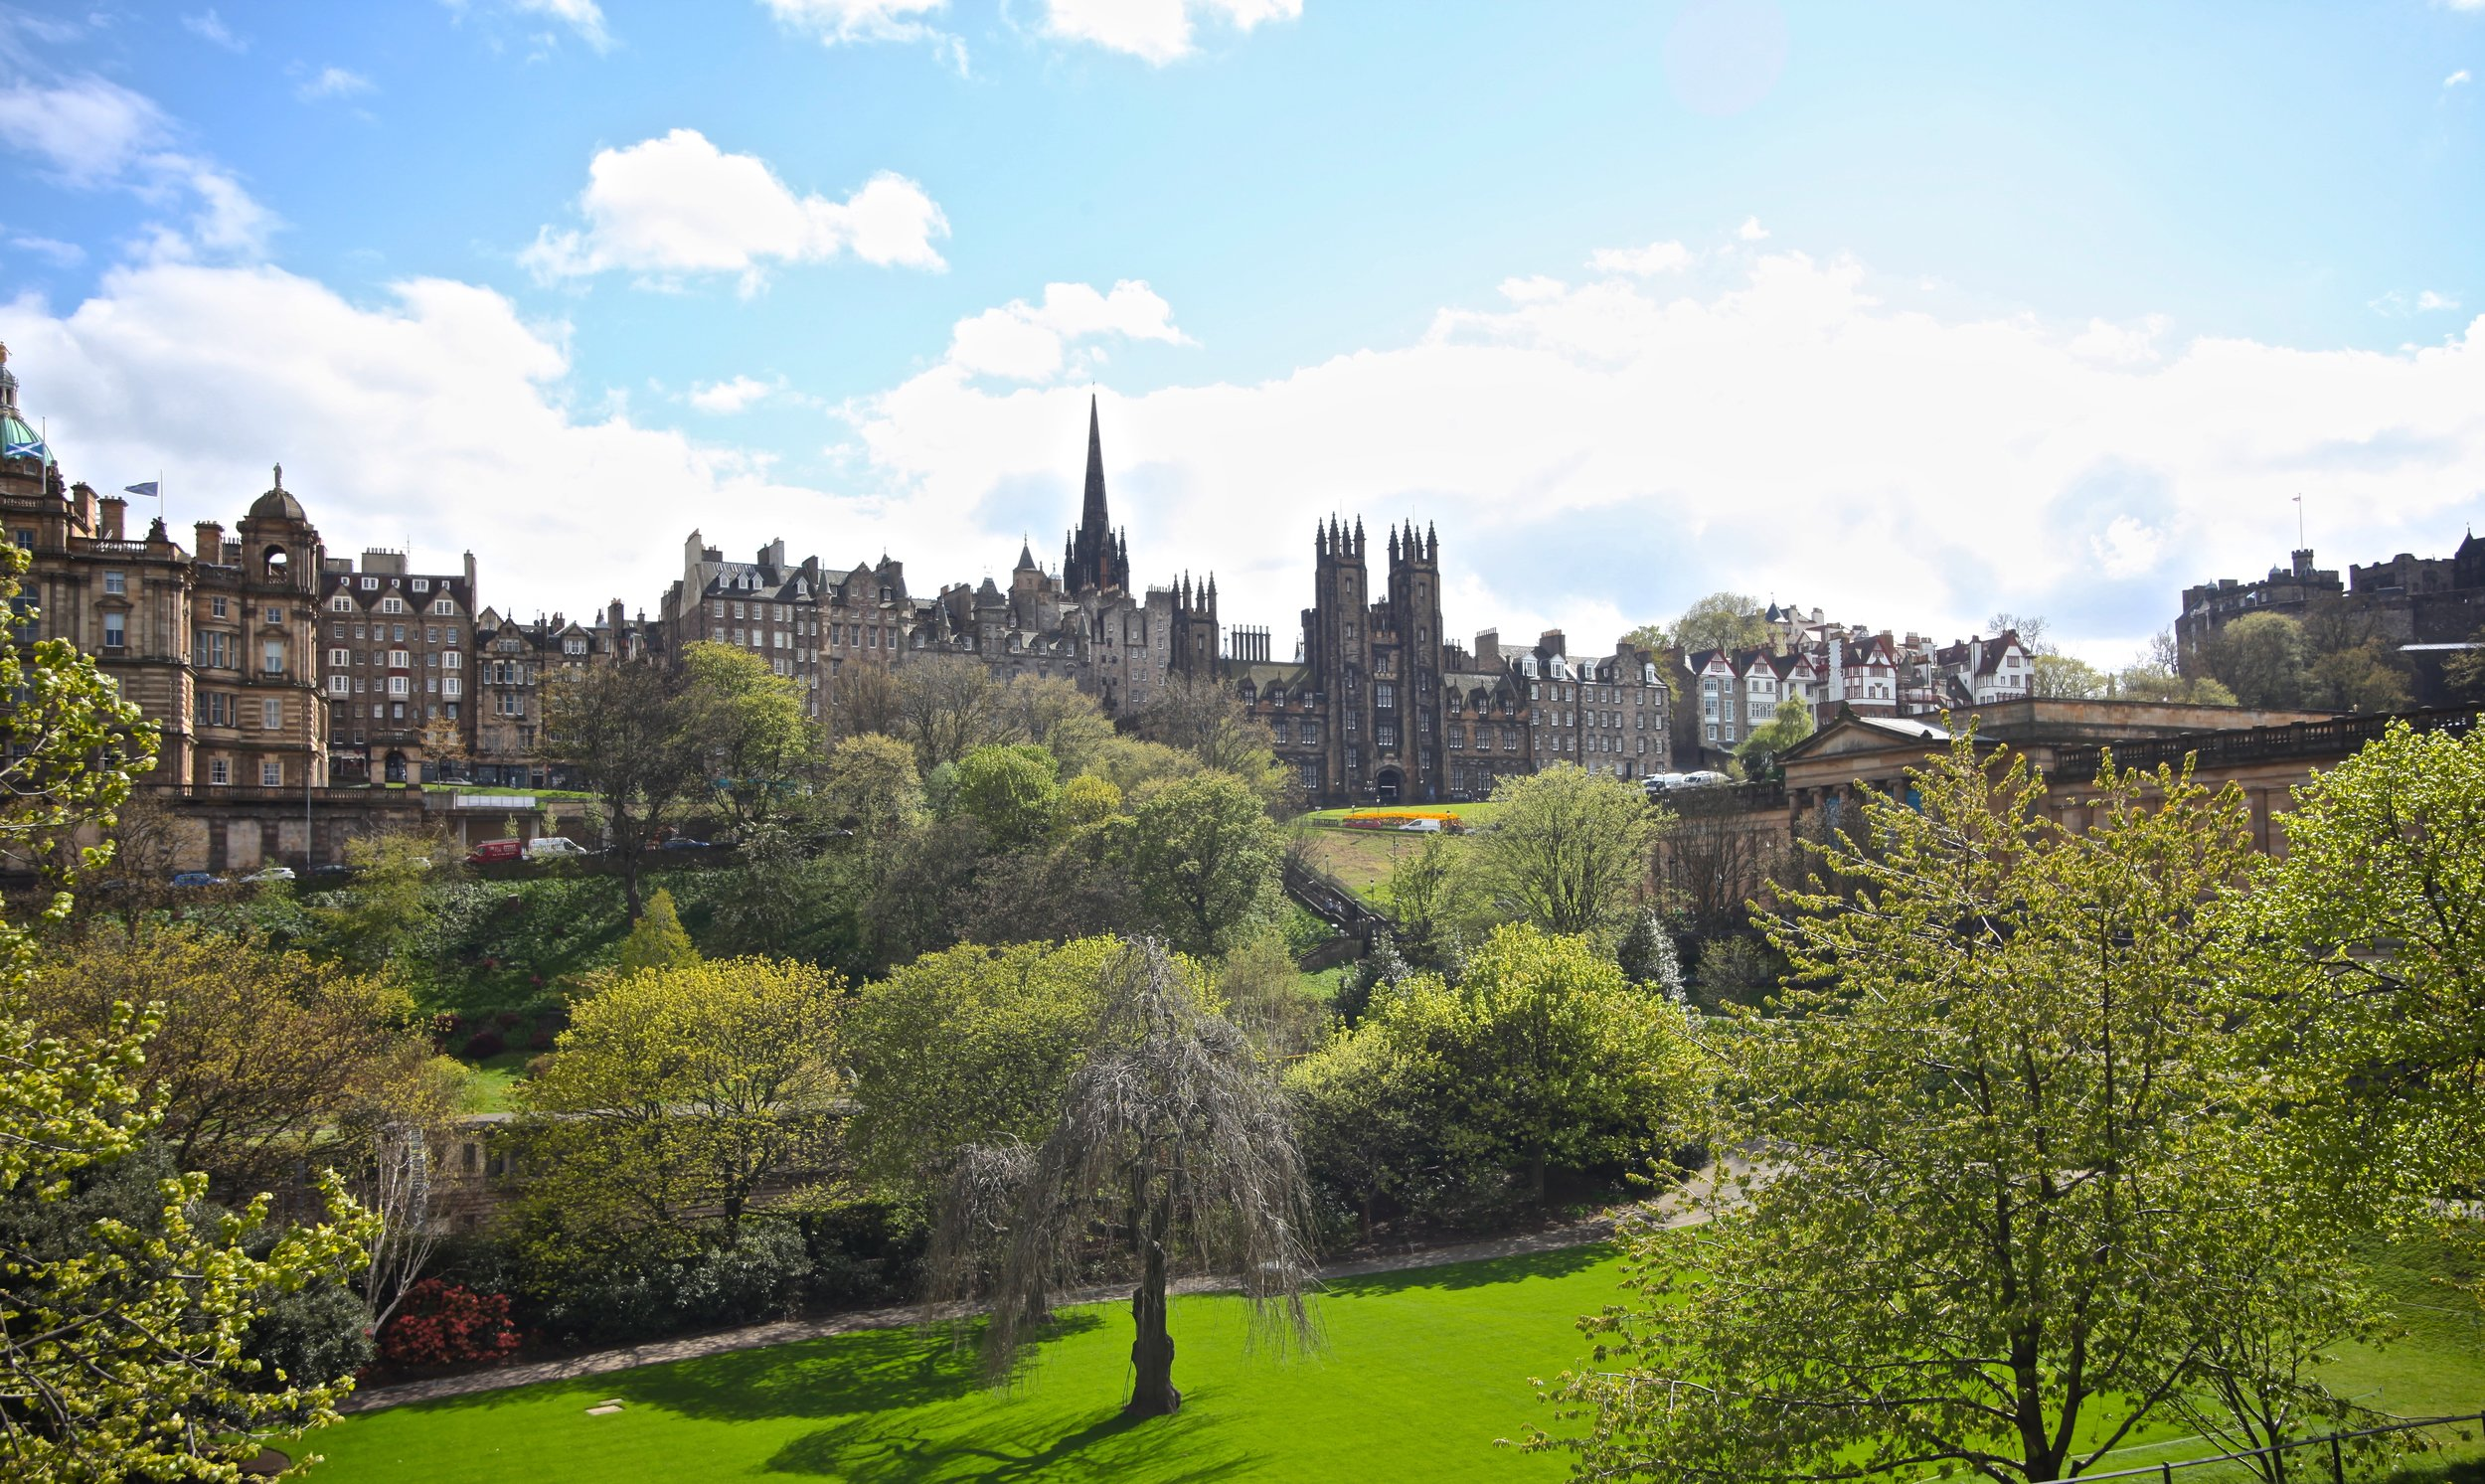 Princess St. Gardens   Edinburgh, Scotland